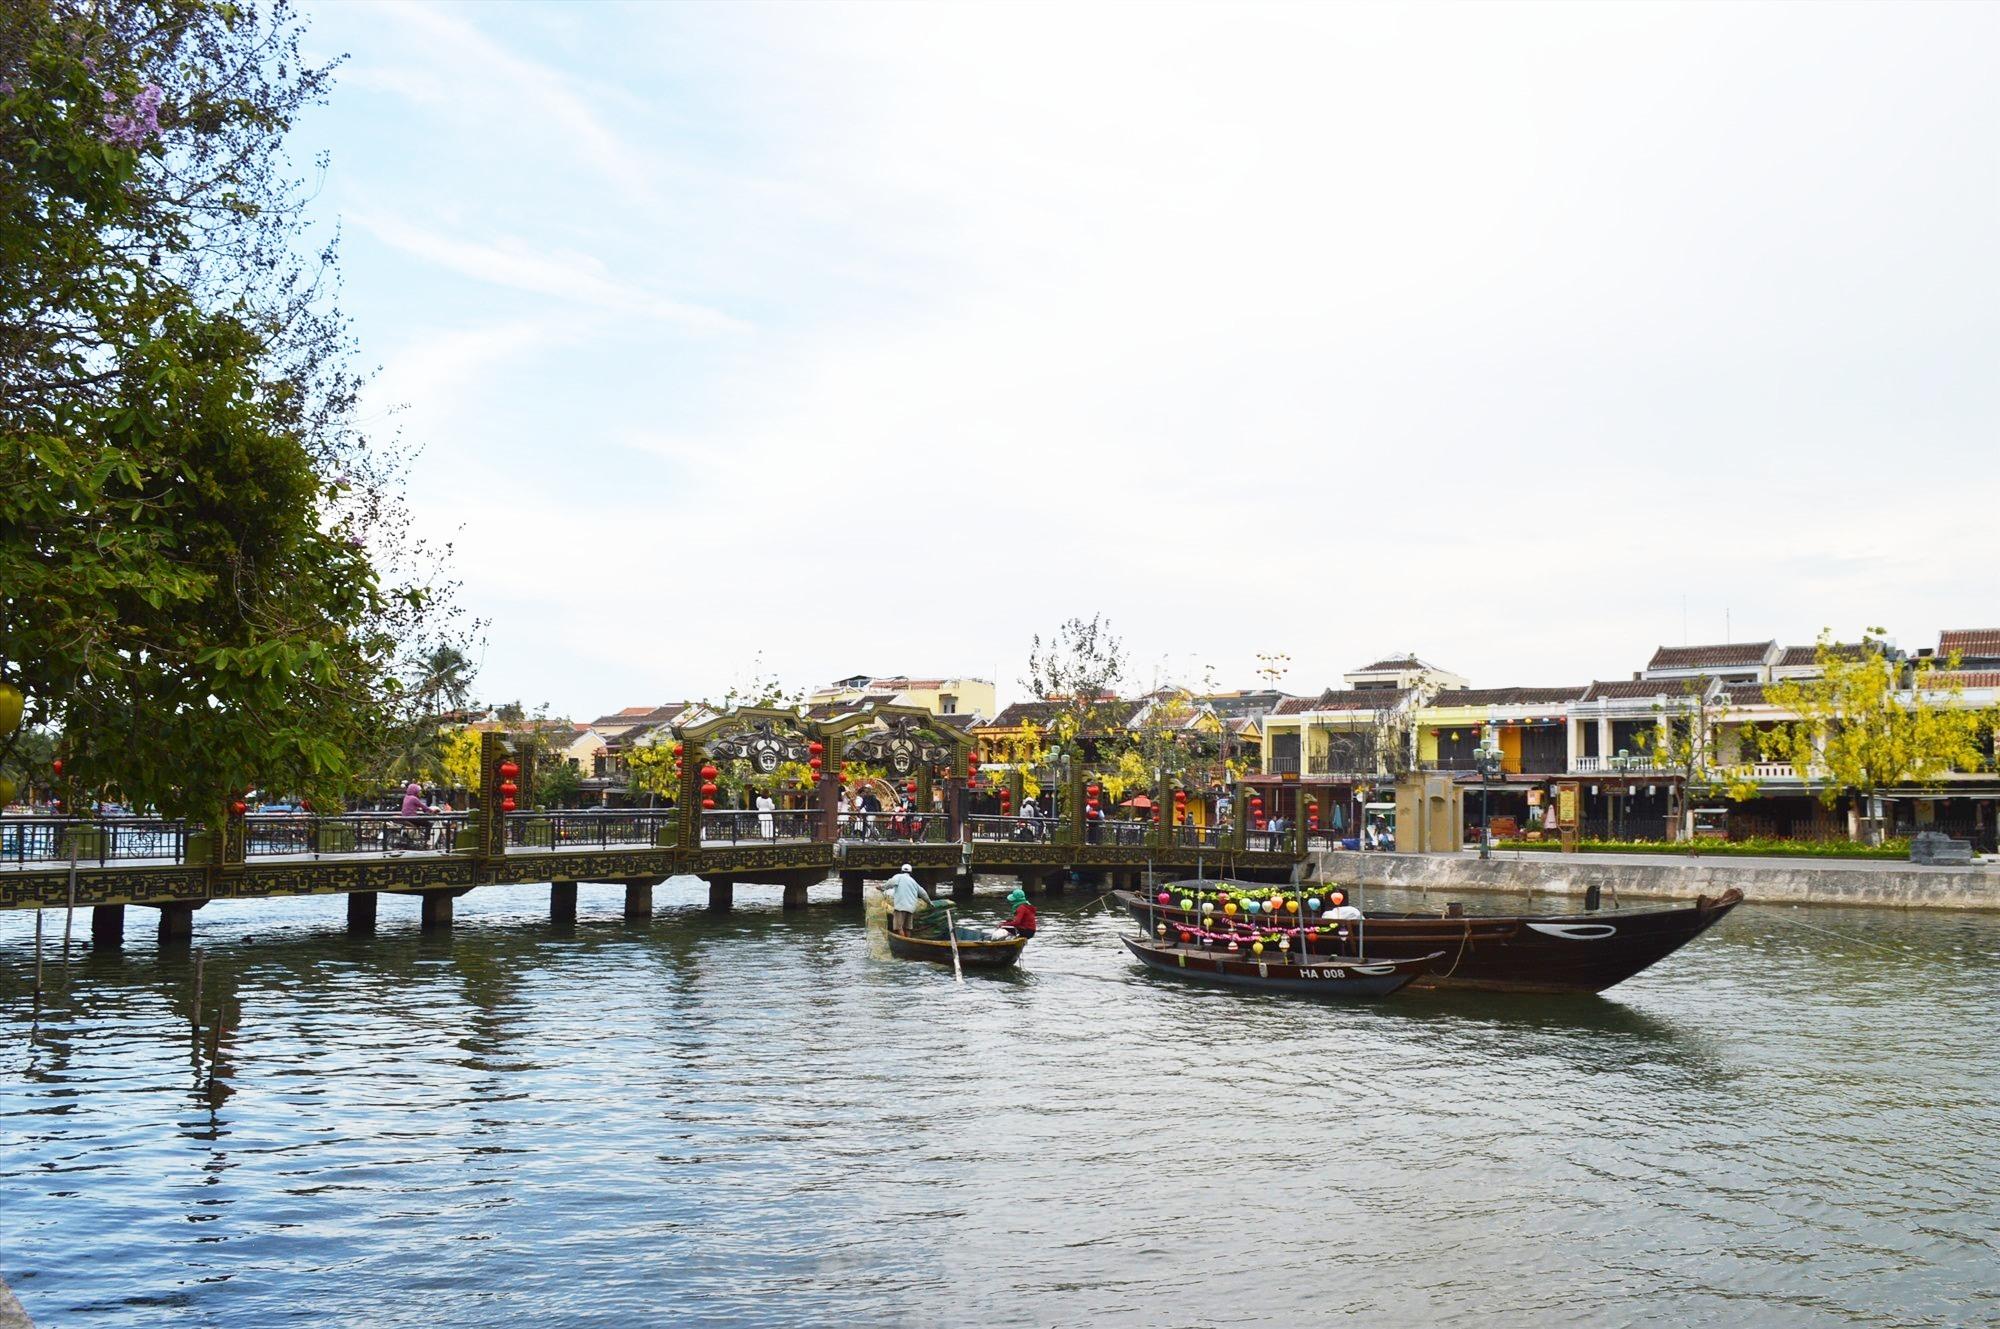 Du lịch Hội An, Quảng Nam cần tái cơ cấu lại thị trường khách